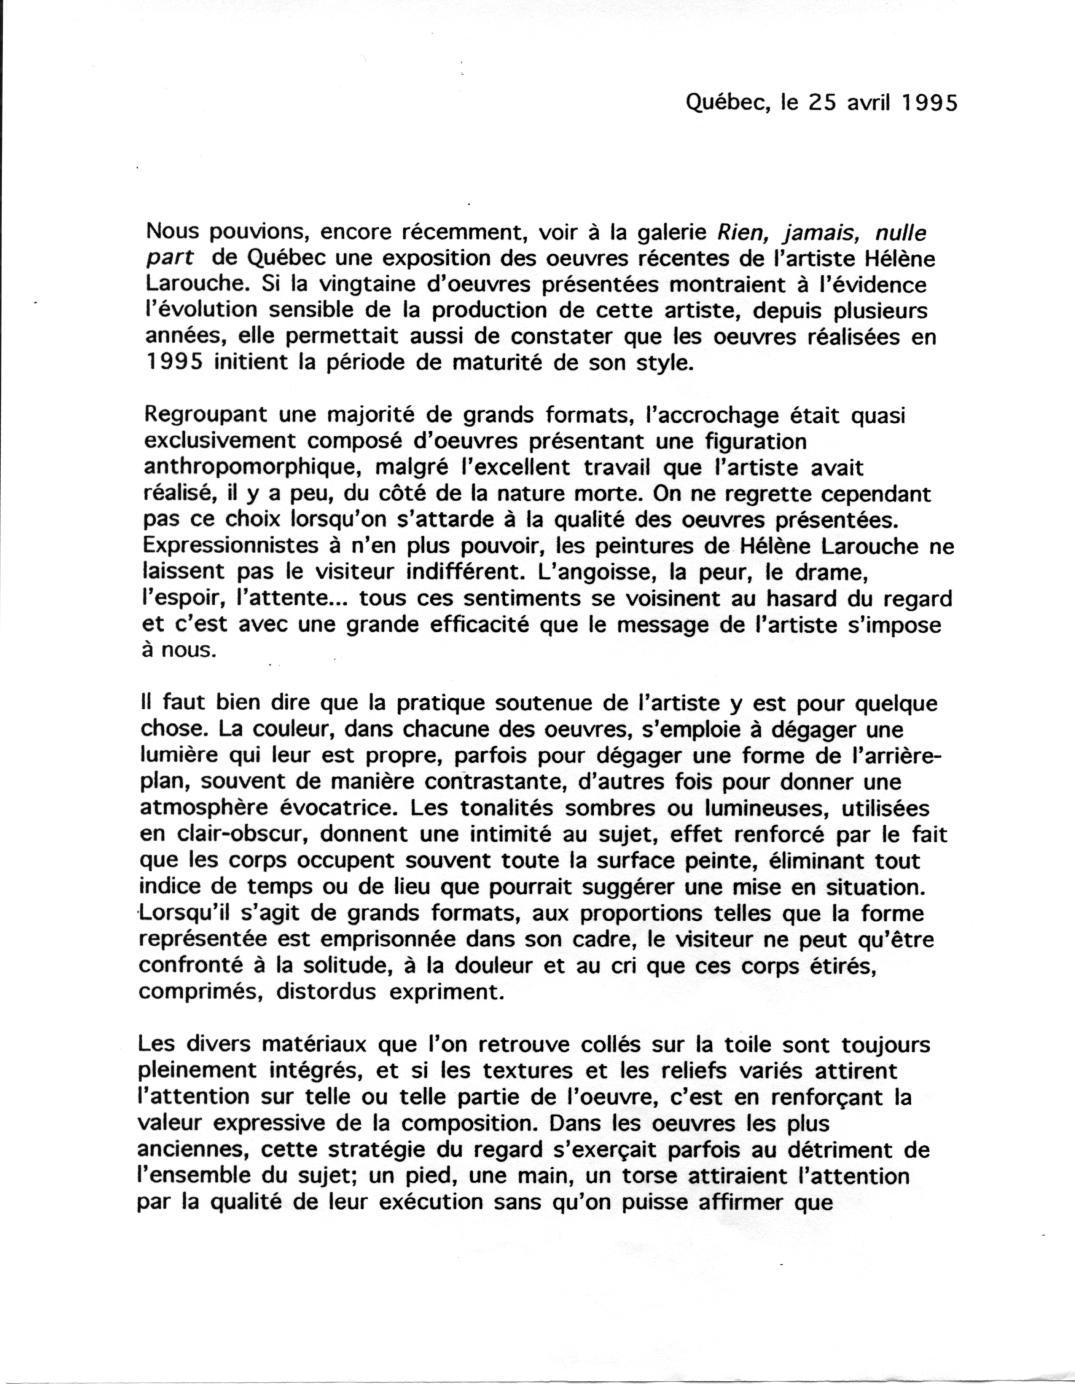 4-95_03-texte-dumas-1-copie